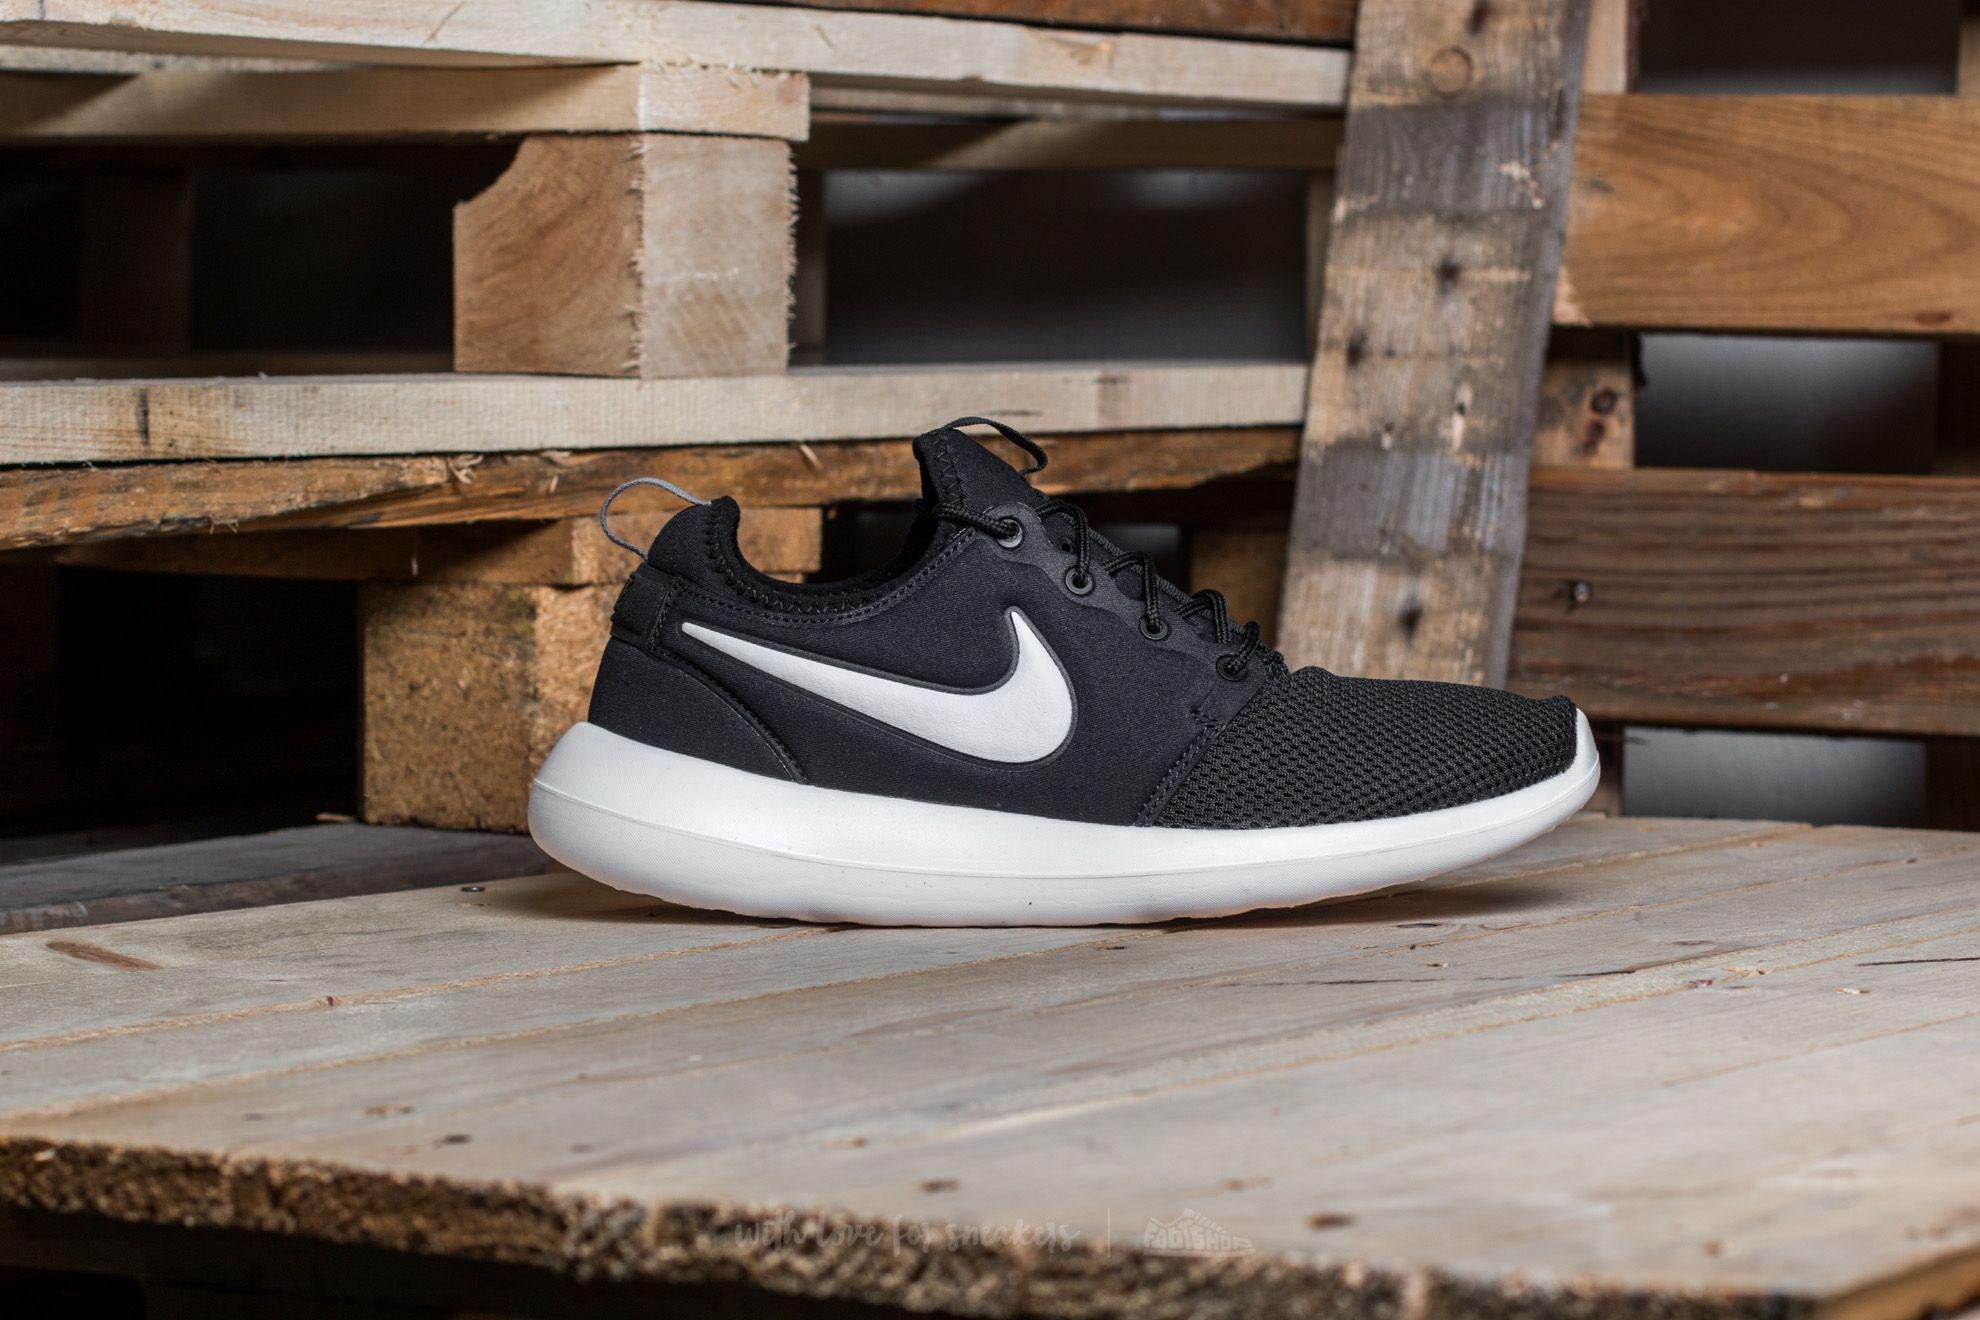 d03894c88b356 Lyst - Nike Roshe Two Black  White-anthracite-white in White for Men